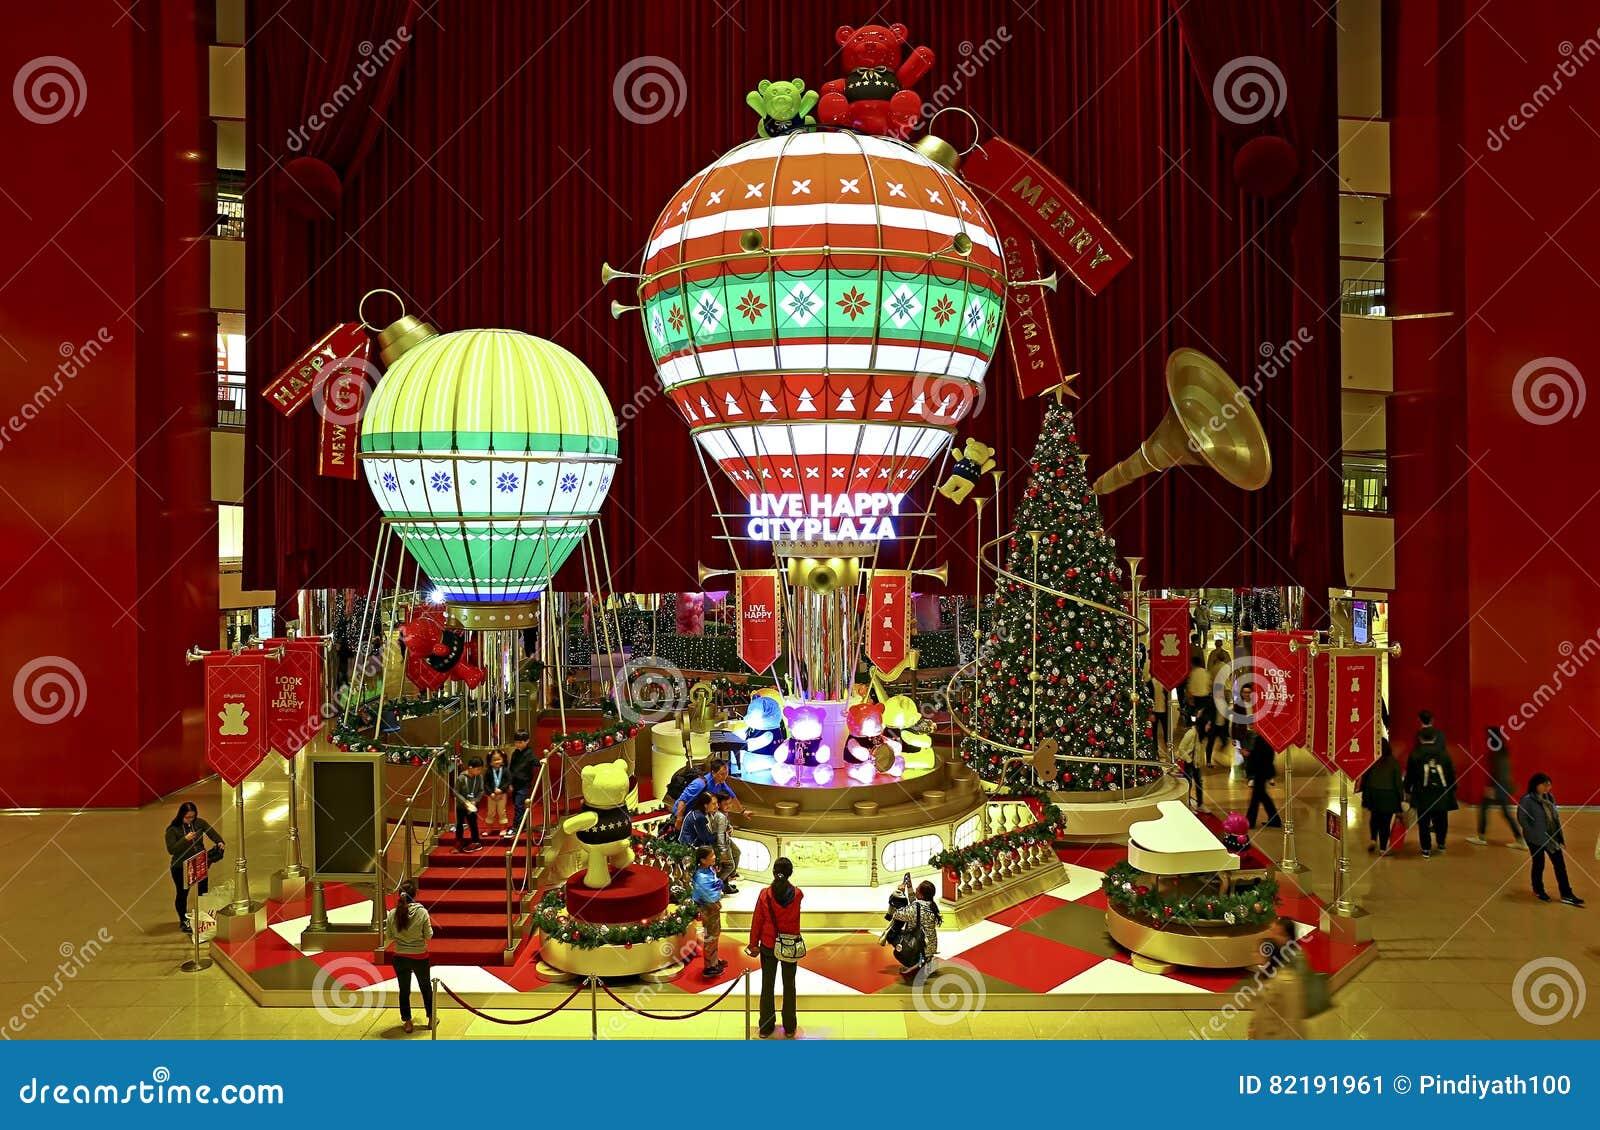 Decorações do Natal na alameda do cityplaza, Hong Kong